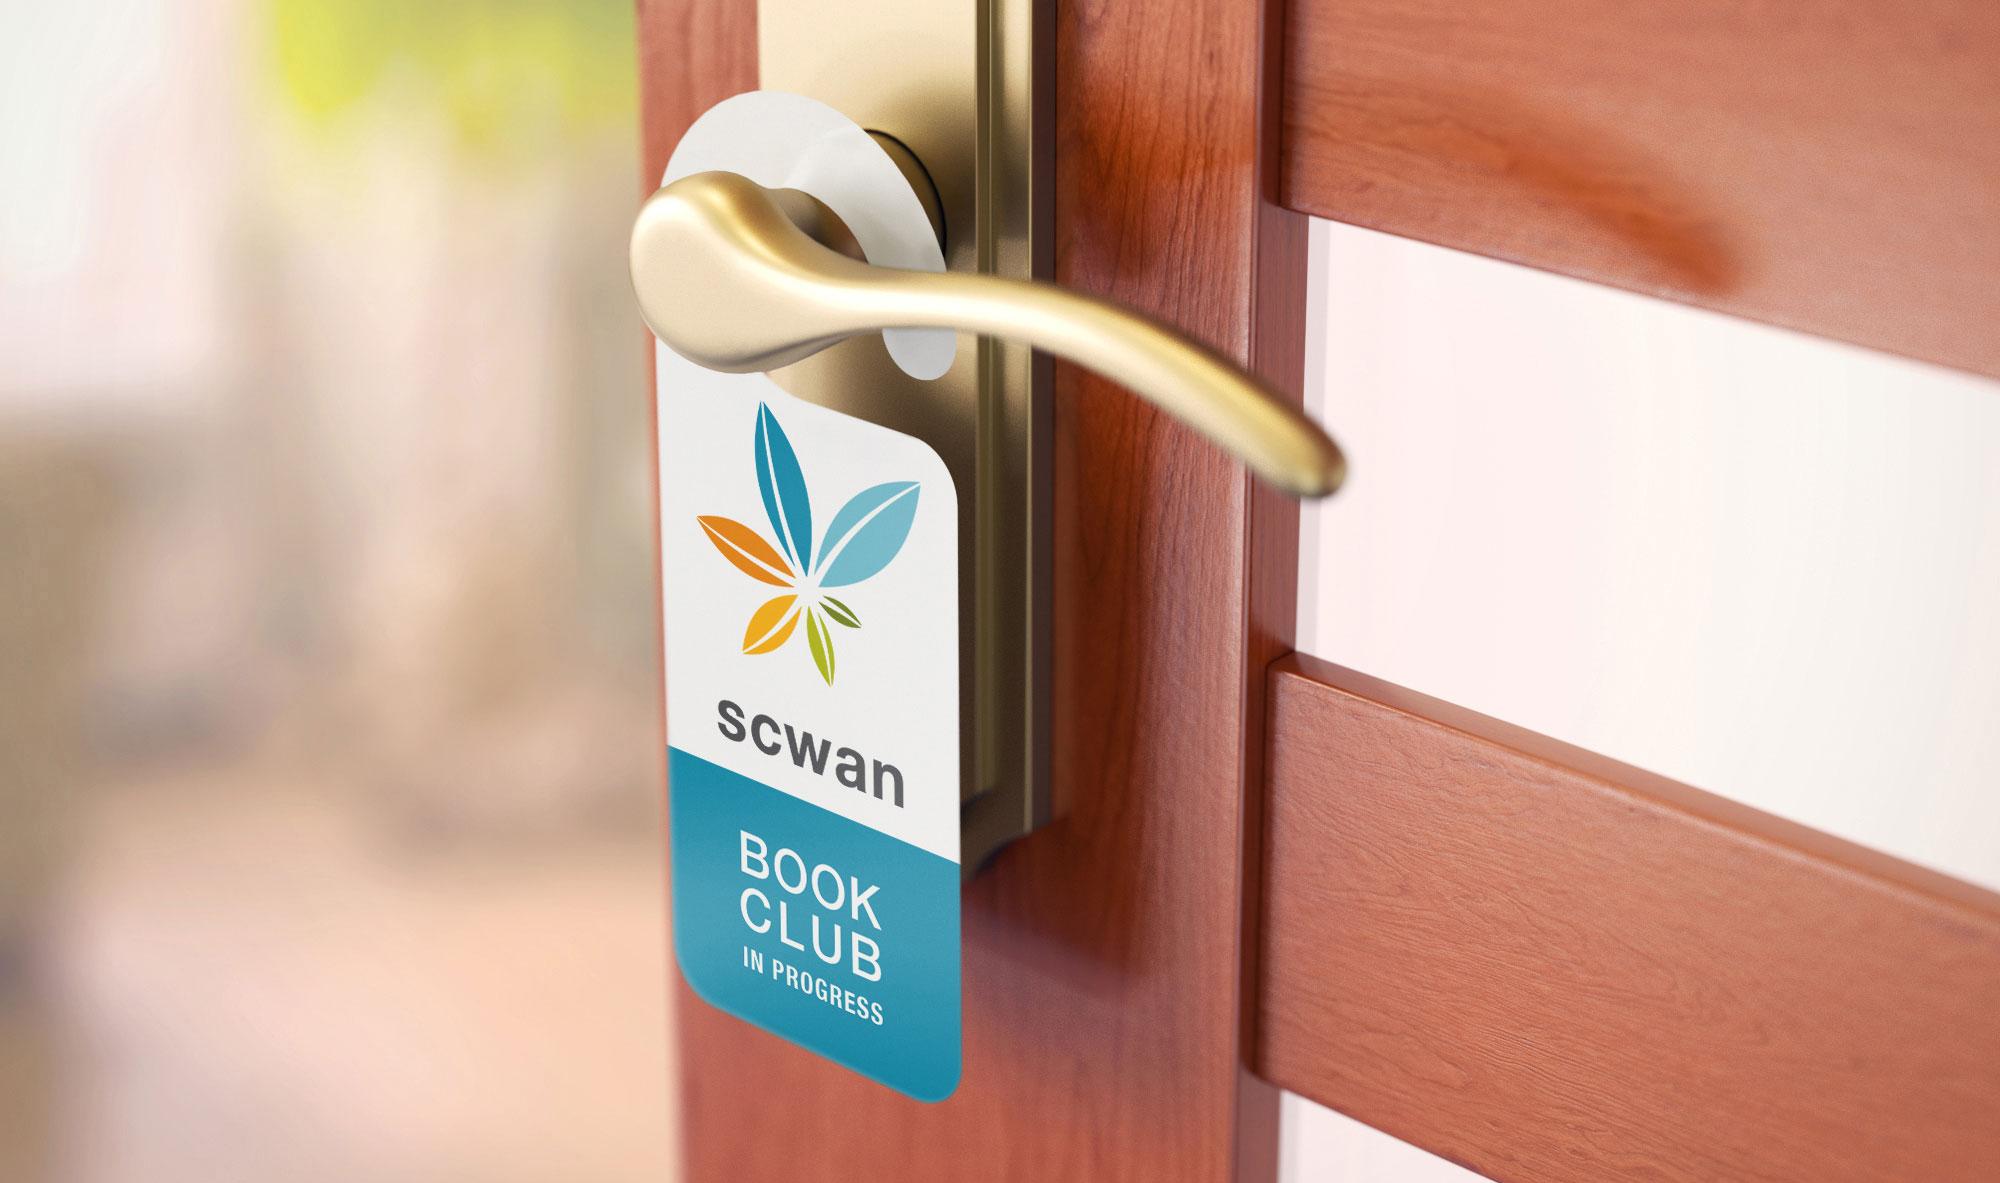 swan logo and book club door hanger